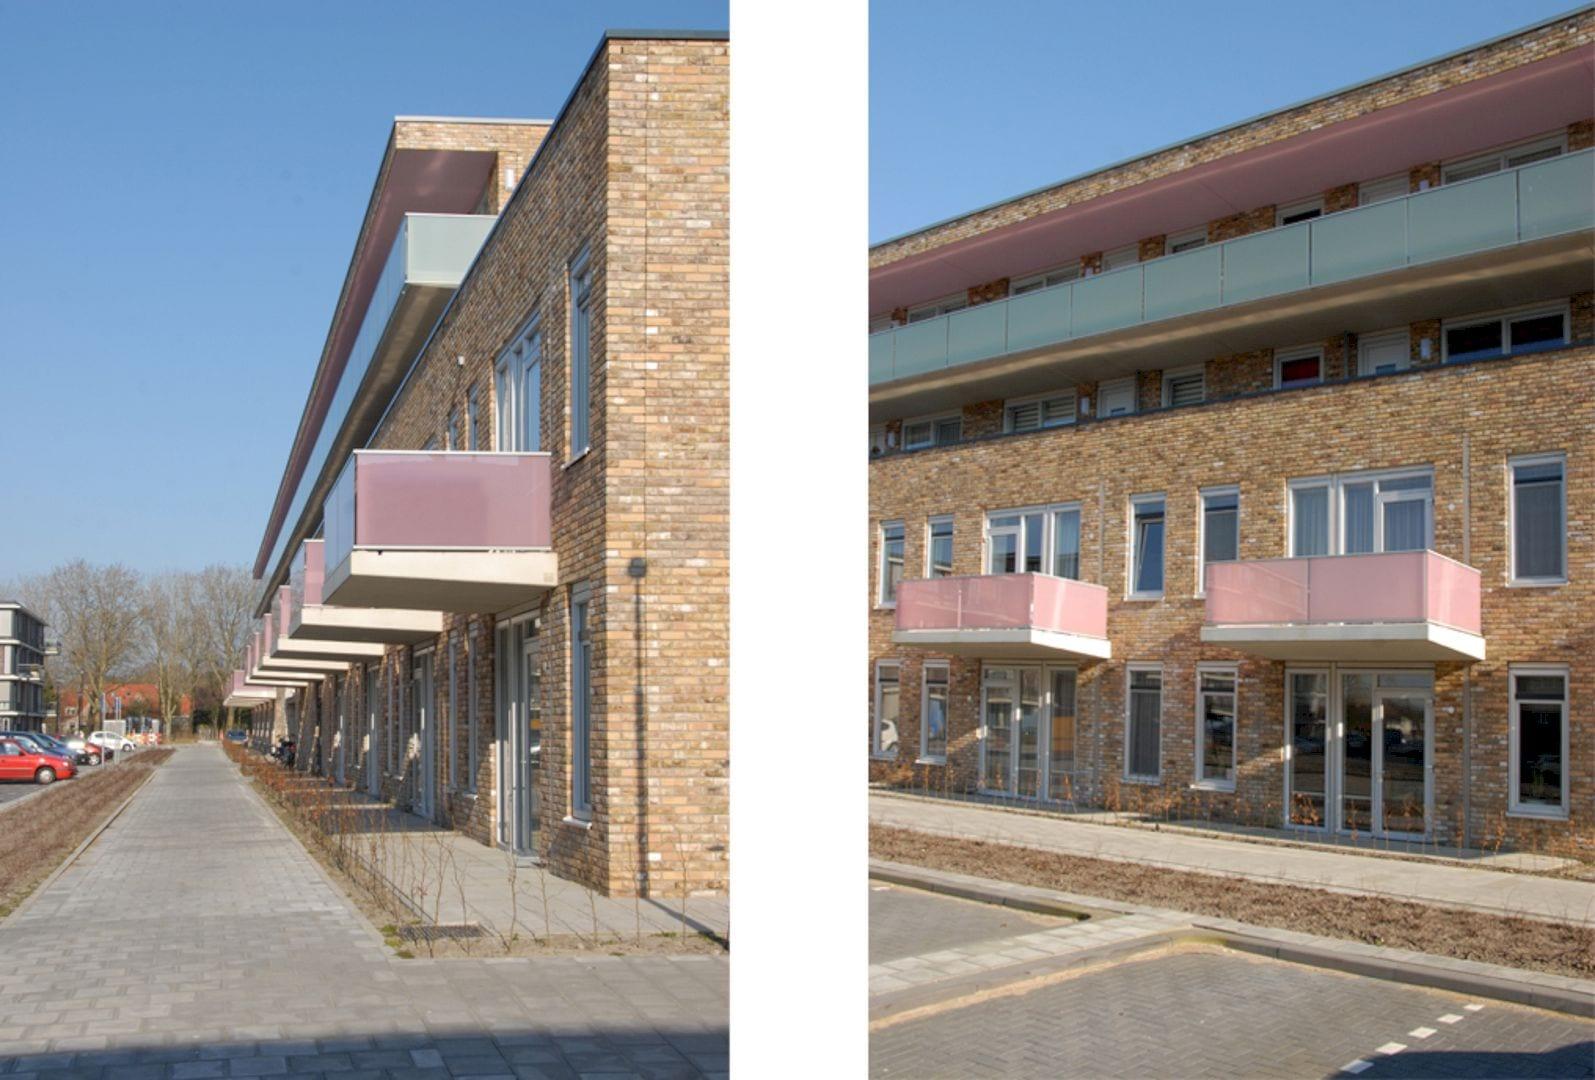 Apartments Tamarixplantsoen Heerhugowaard By Jeanne Dekkers Architectuur 5